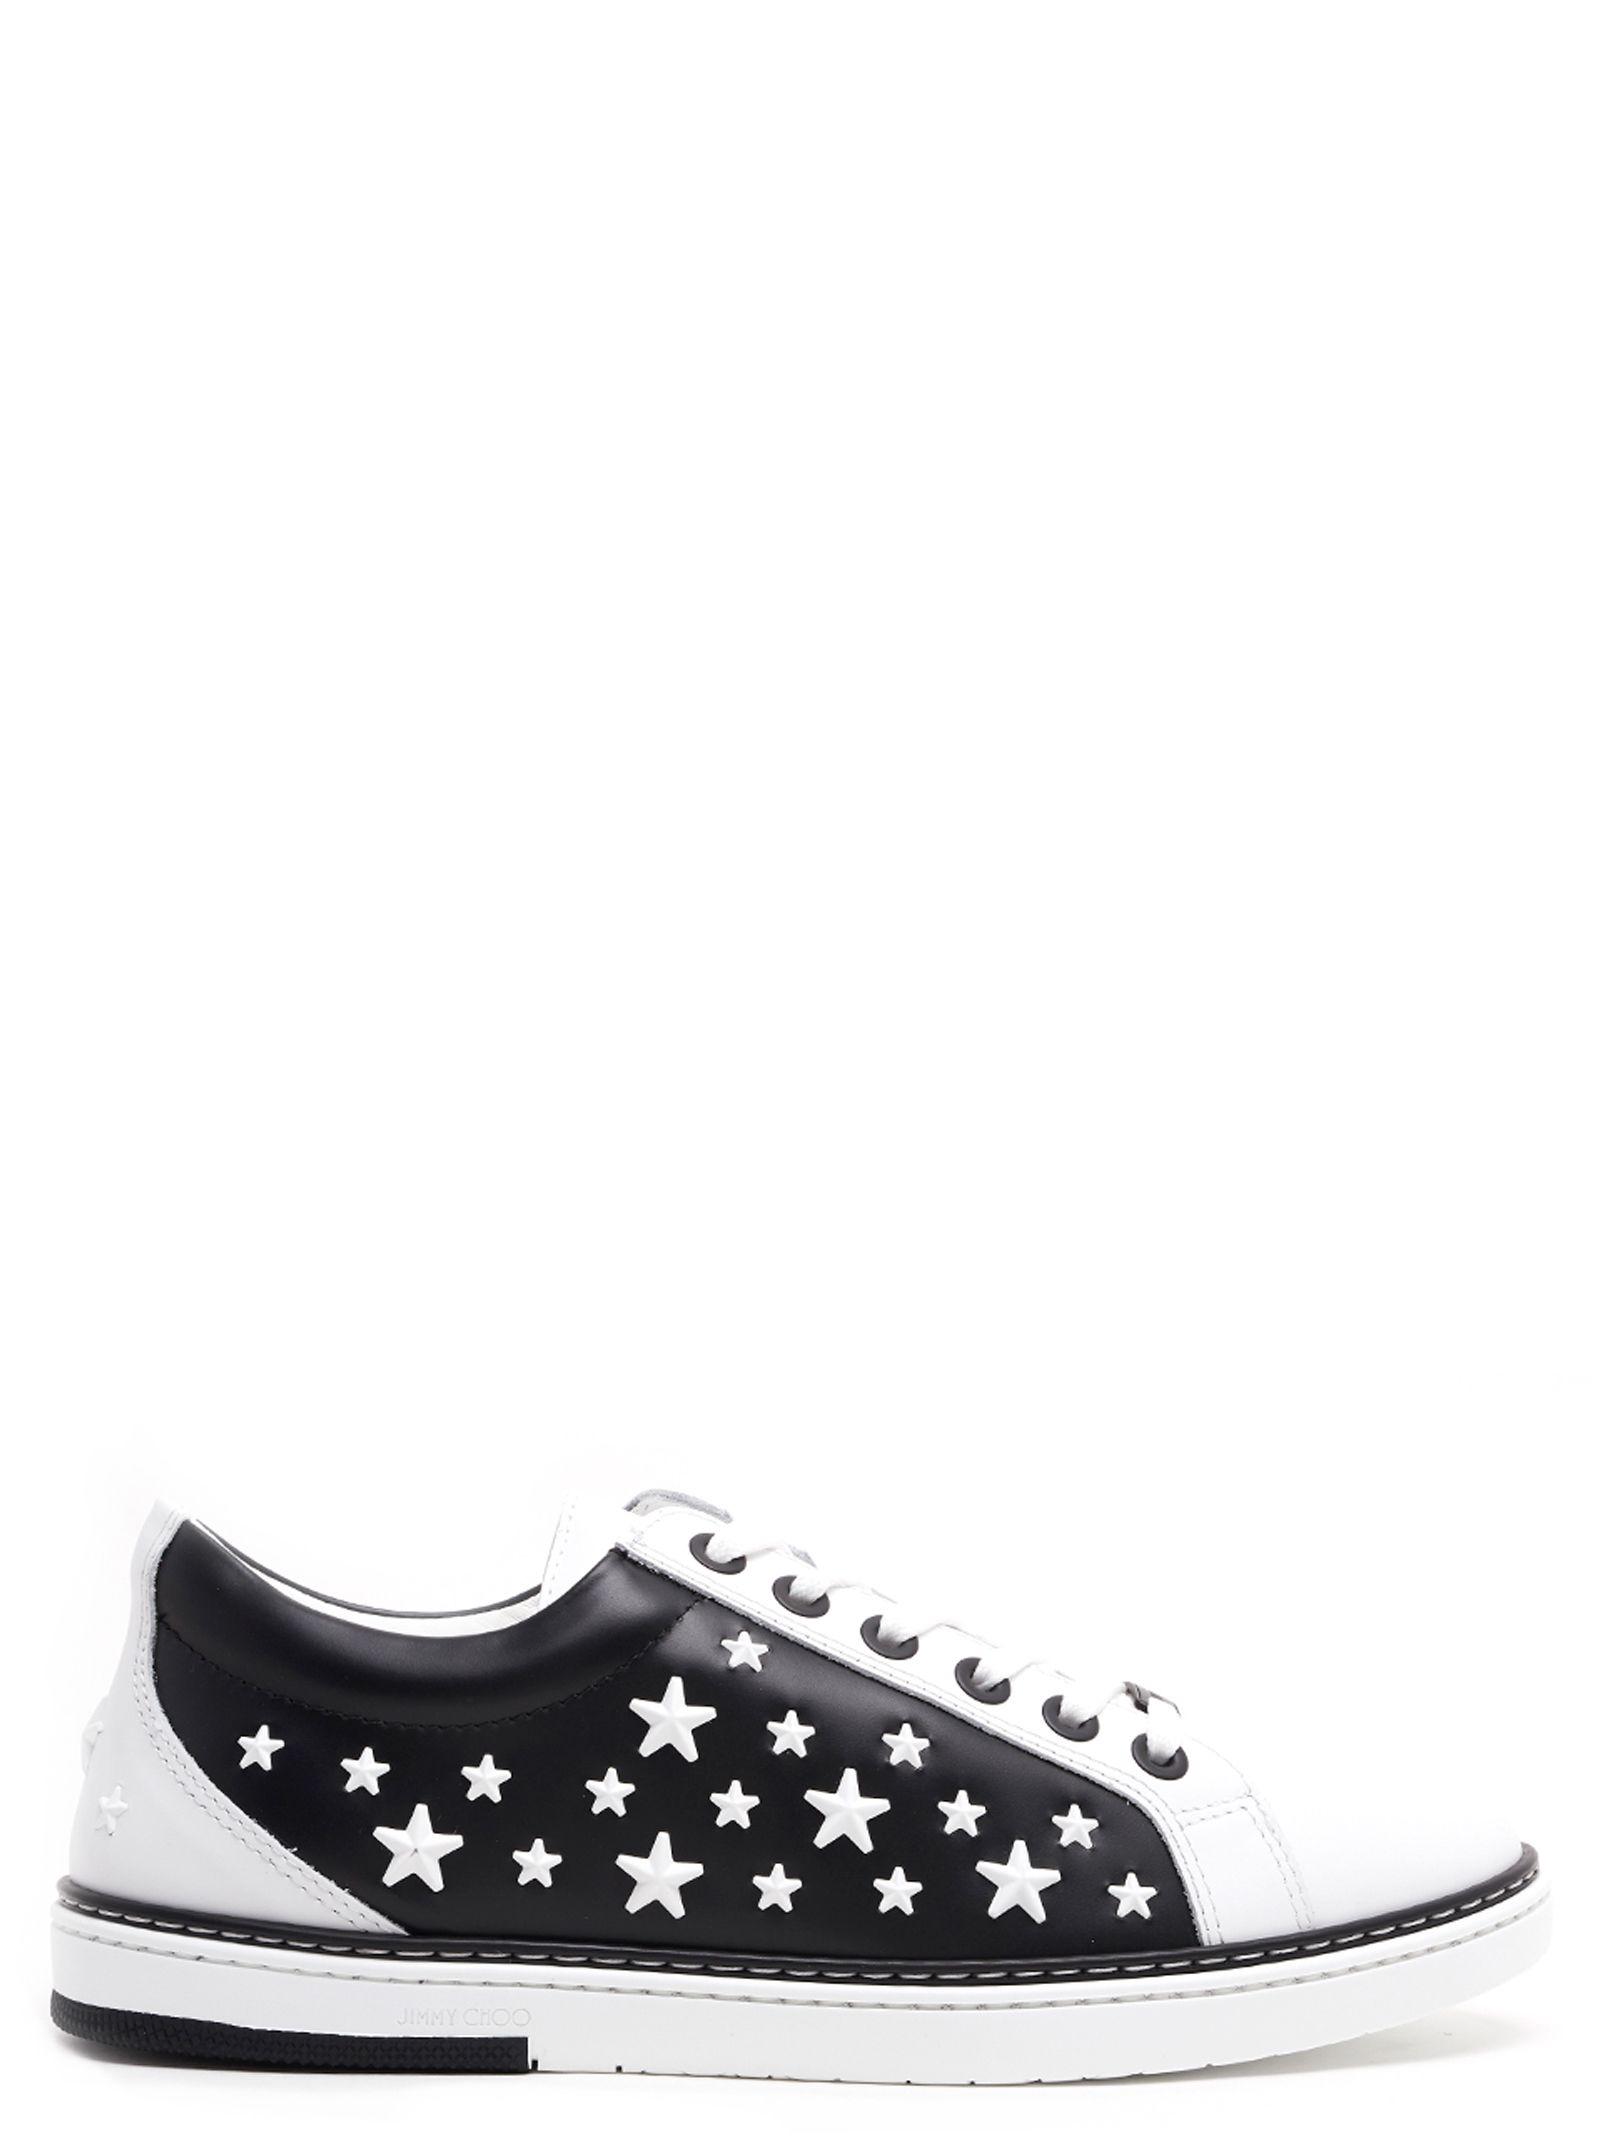 Jimmy Choo 'cash' Shoes